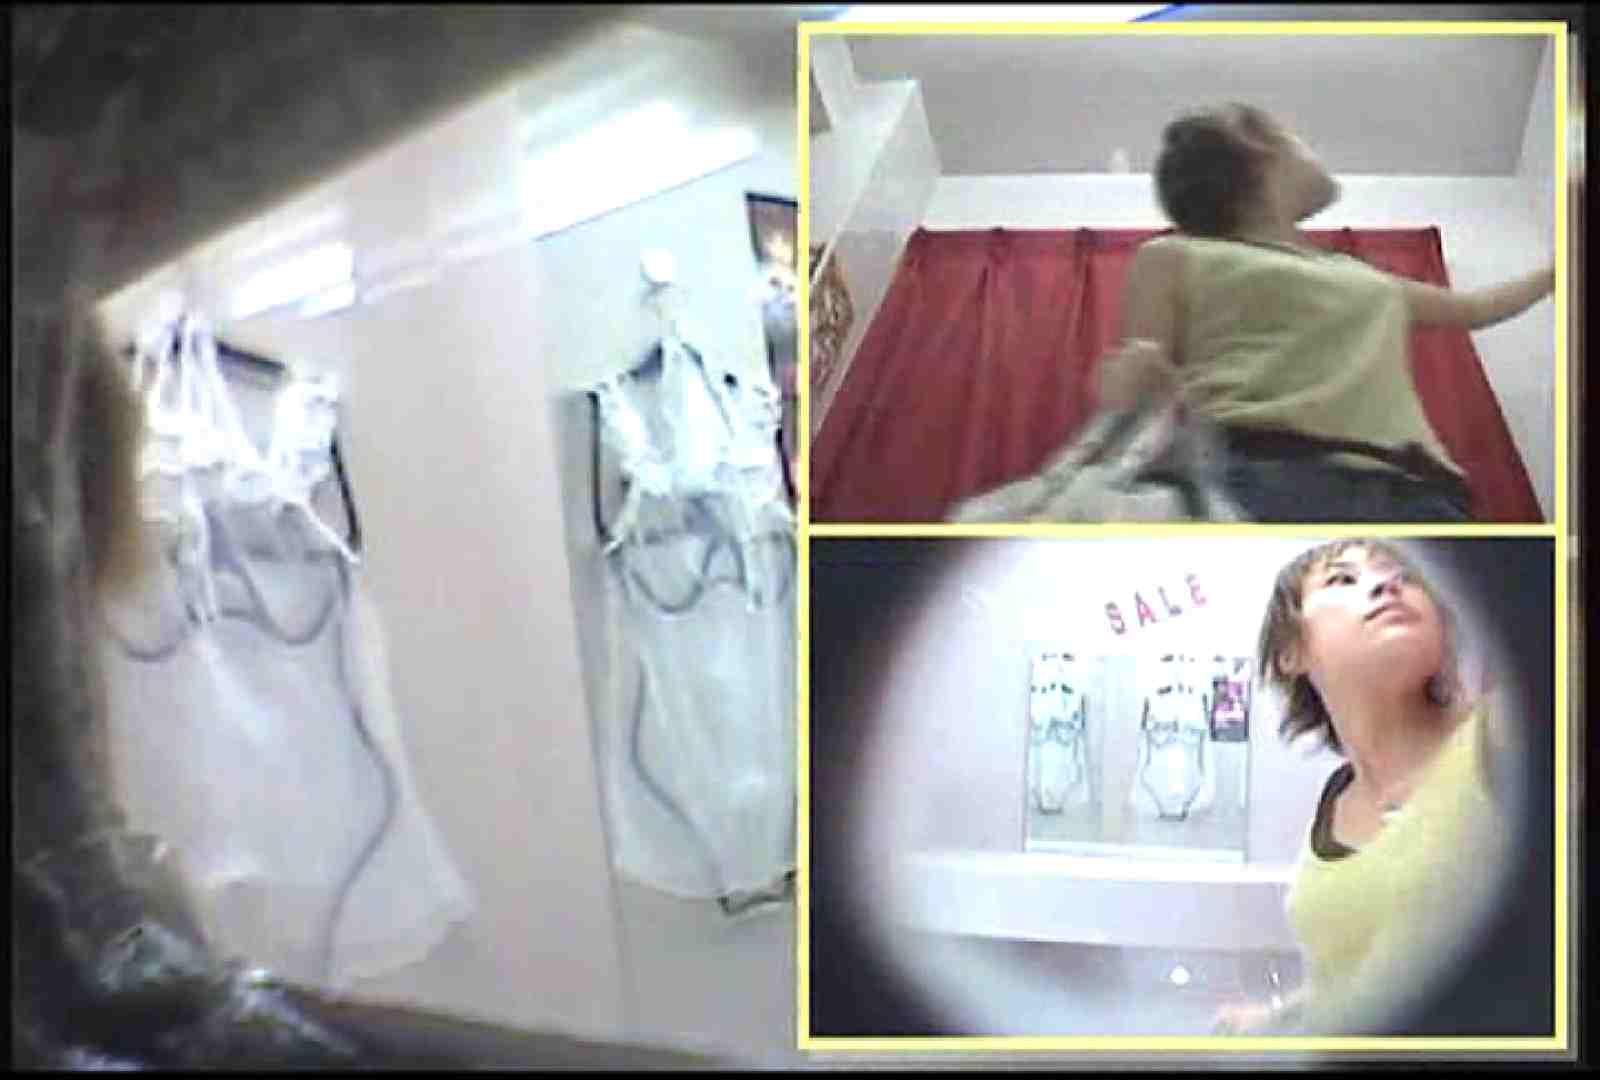 ショップ店長流出!!変態下着を買い漁る女達!Vol.4 エロティックなOL すけべAV動画紹介 58画像 32